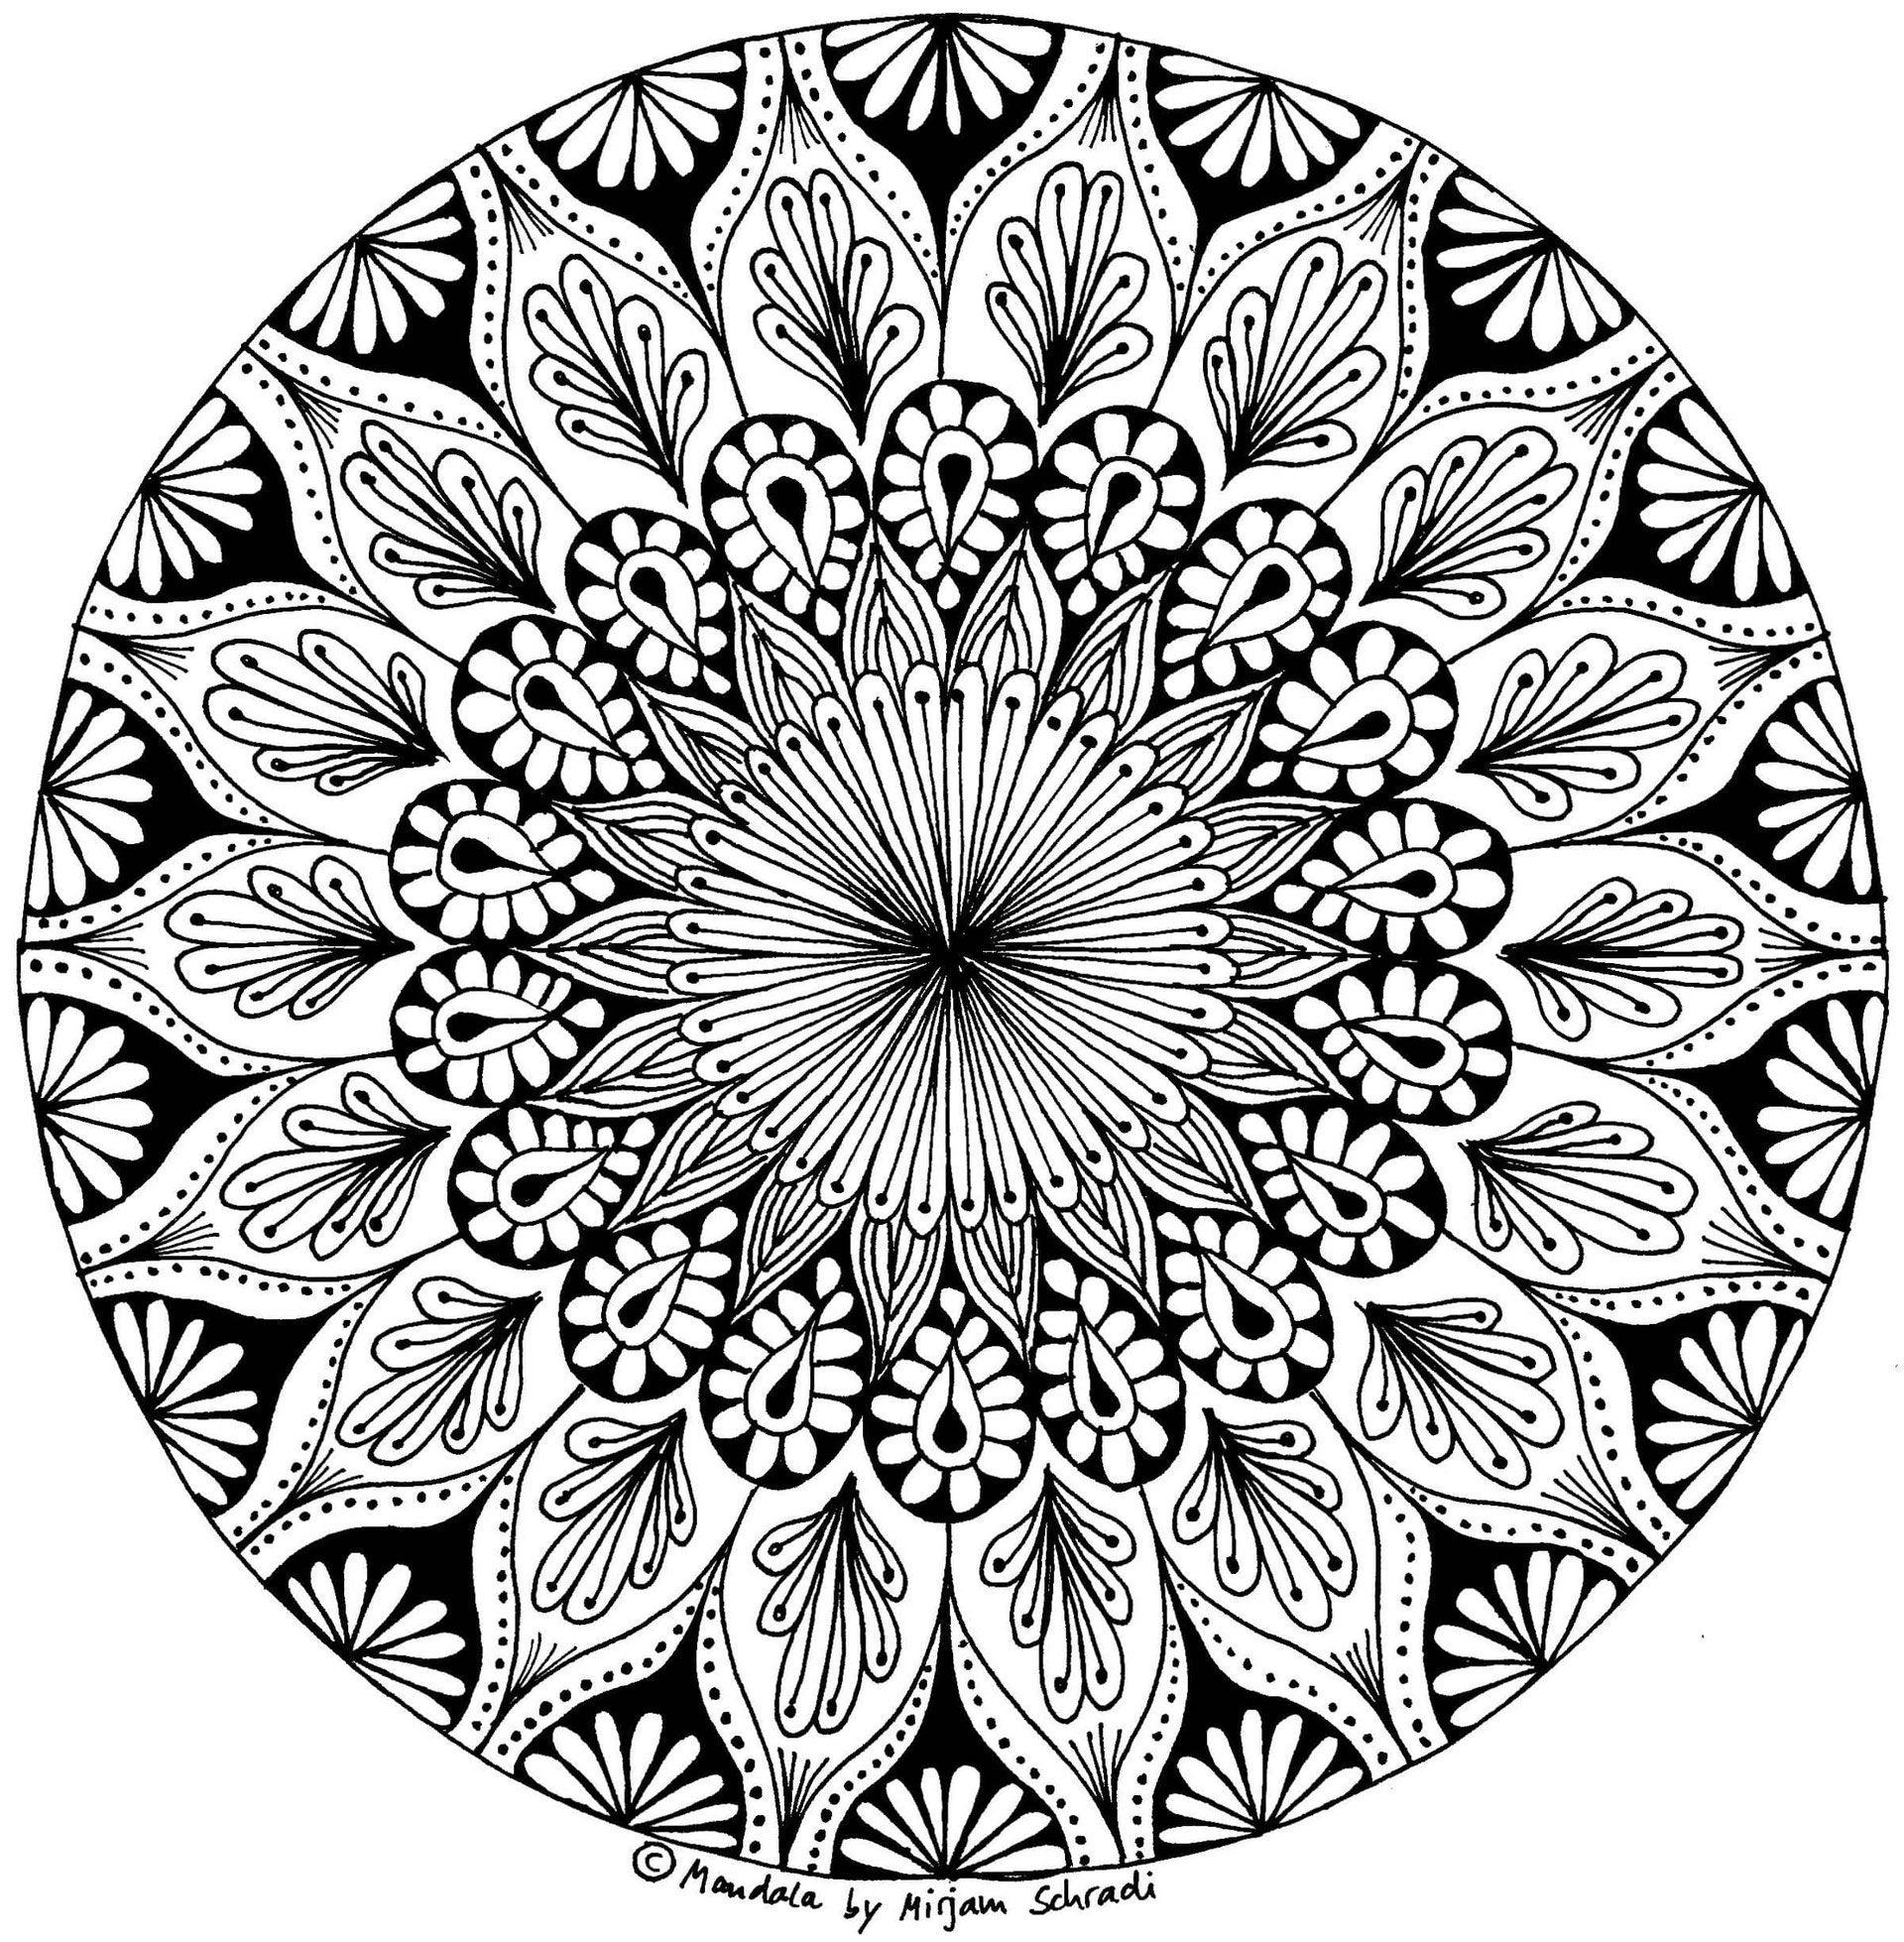 Pin Auf Malen verwandt mit Mandalas Für Erwachsene Zum Ausmalen